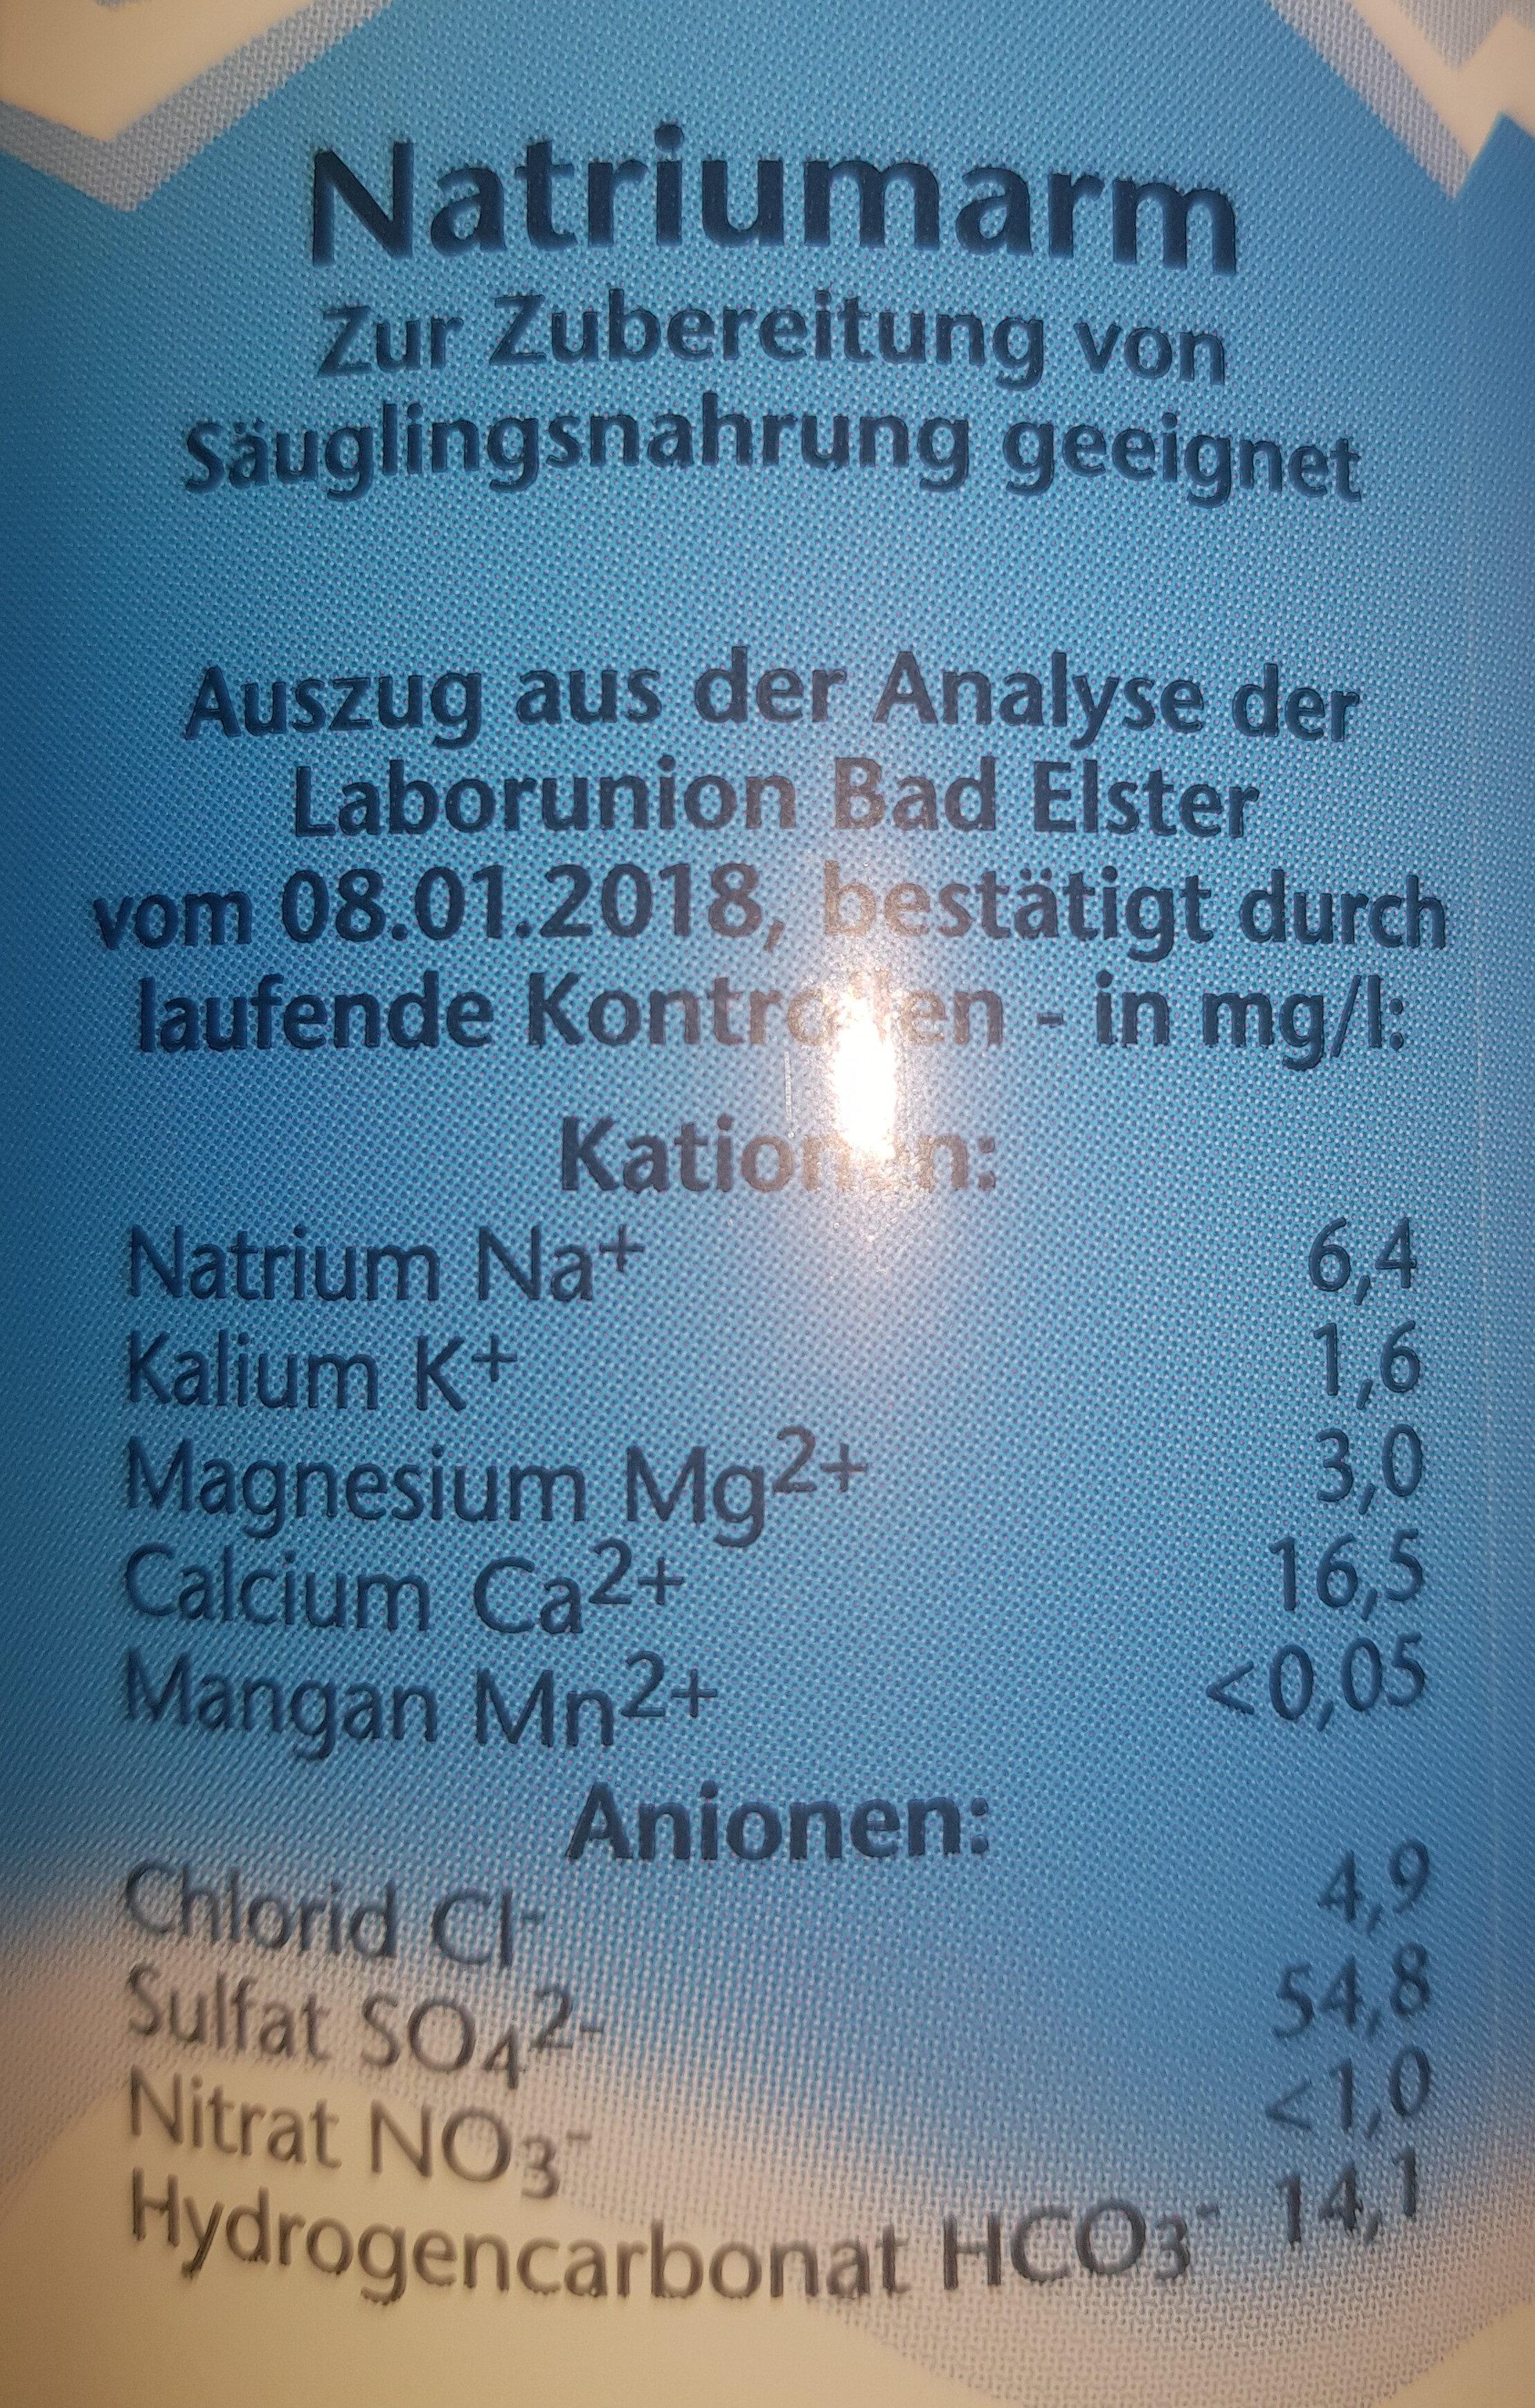 Adello Mineralwasser - Nutrition facts - de